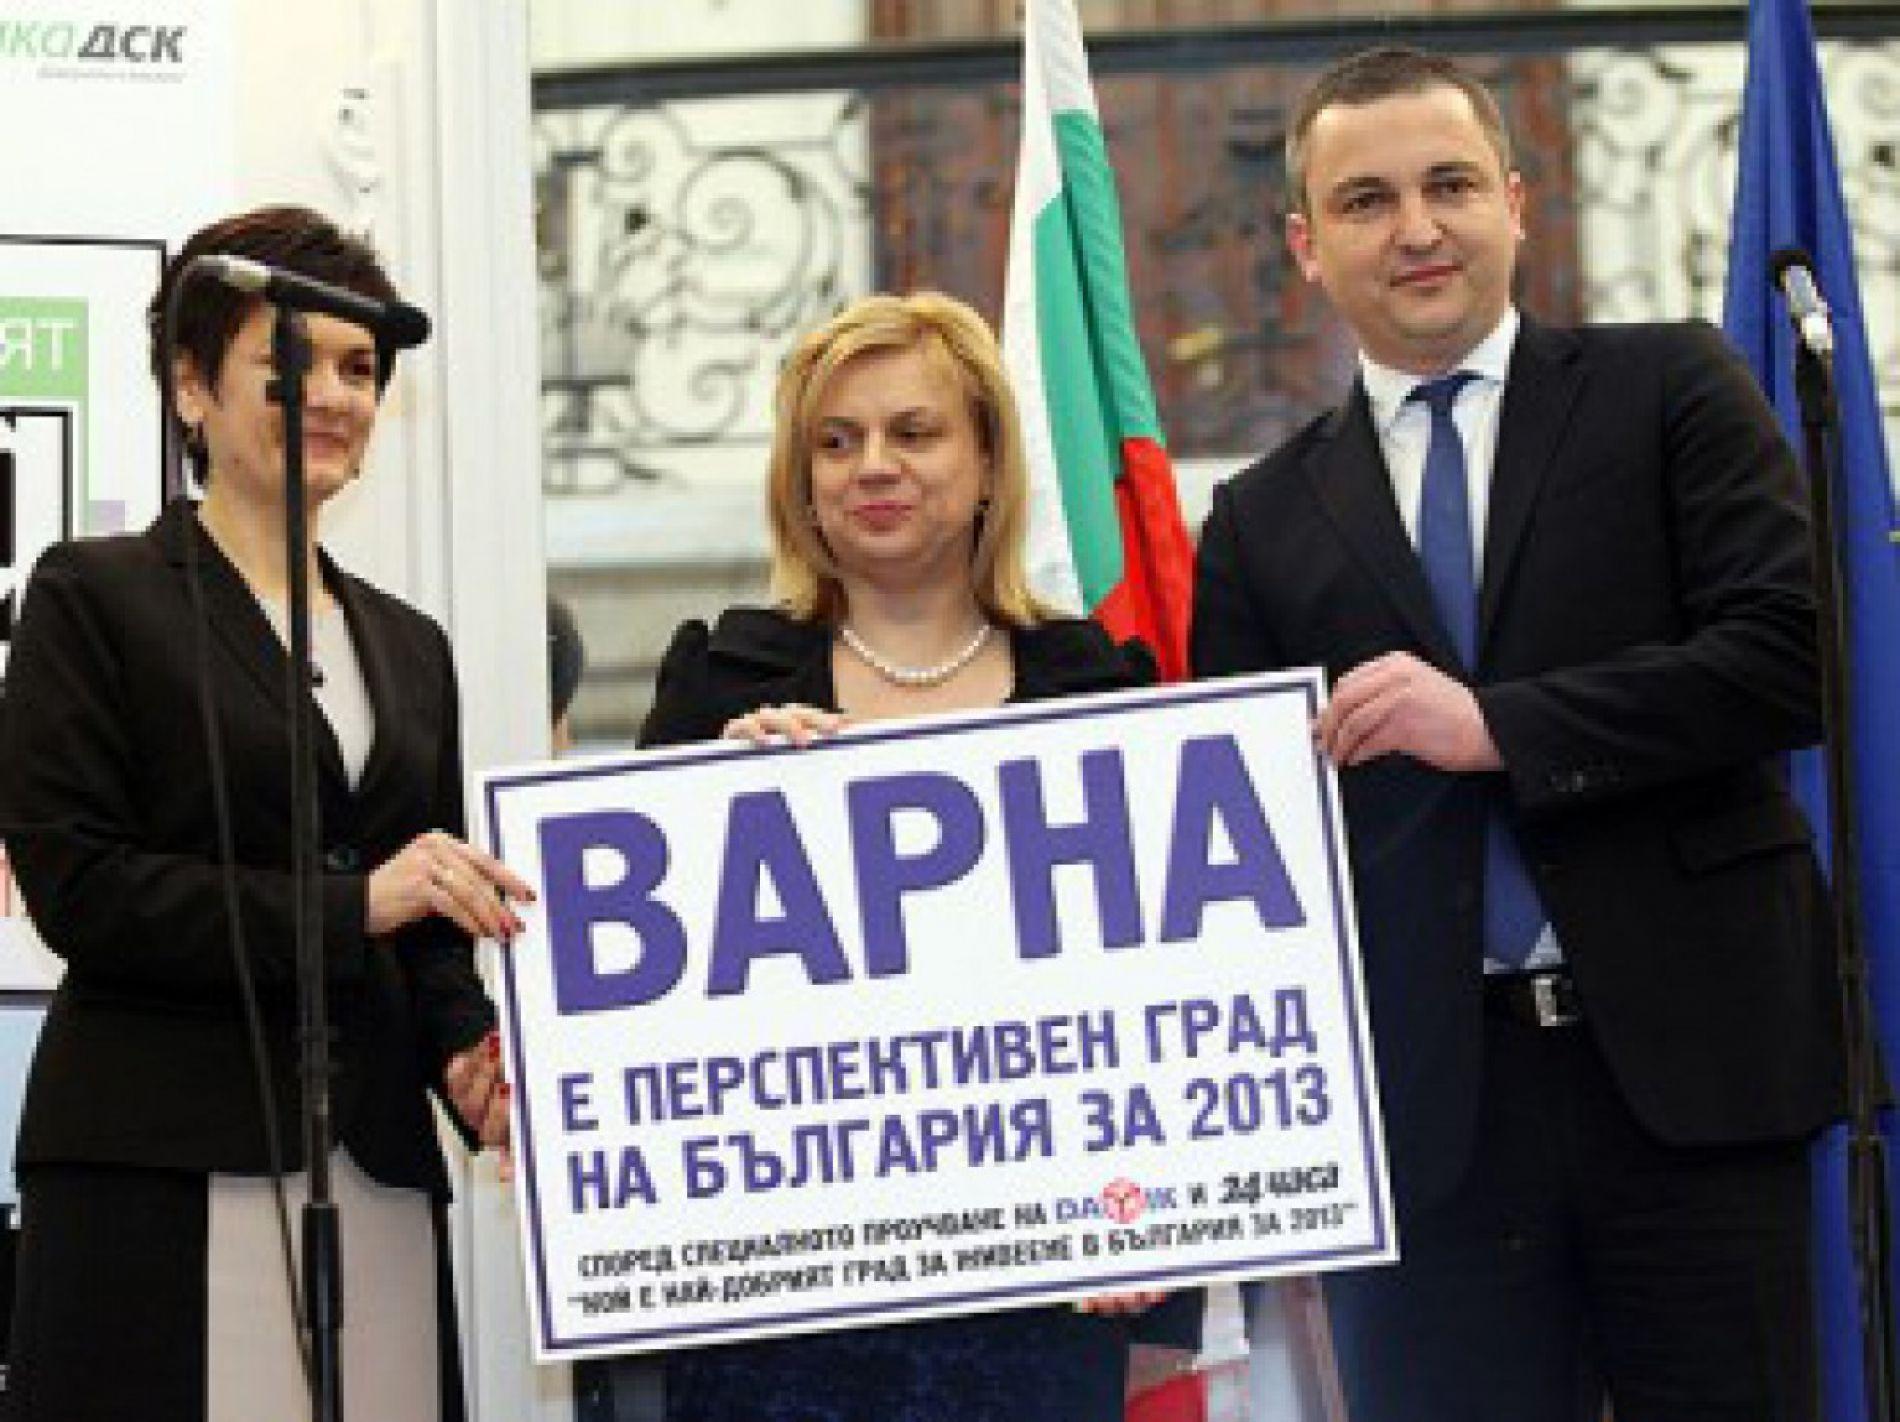 Варна получила приз